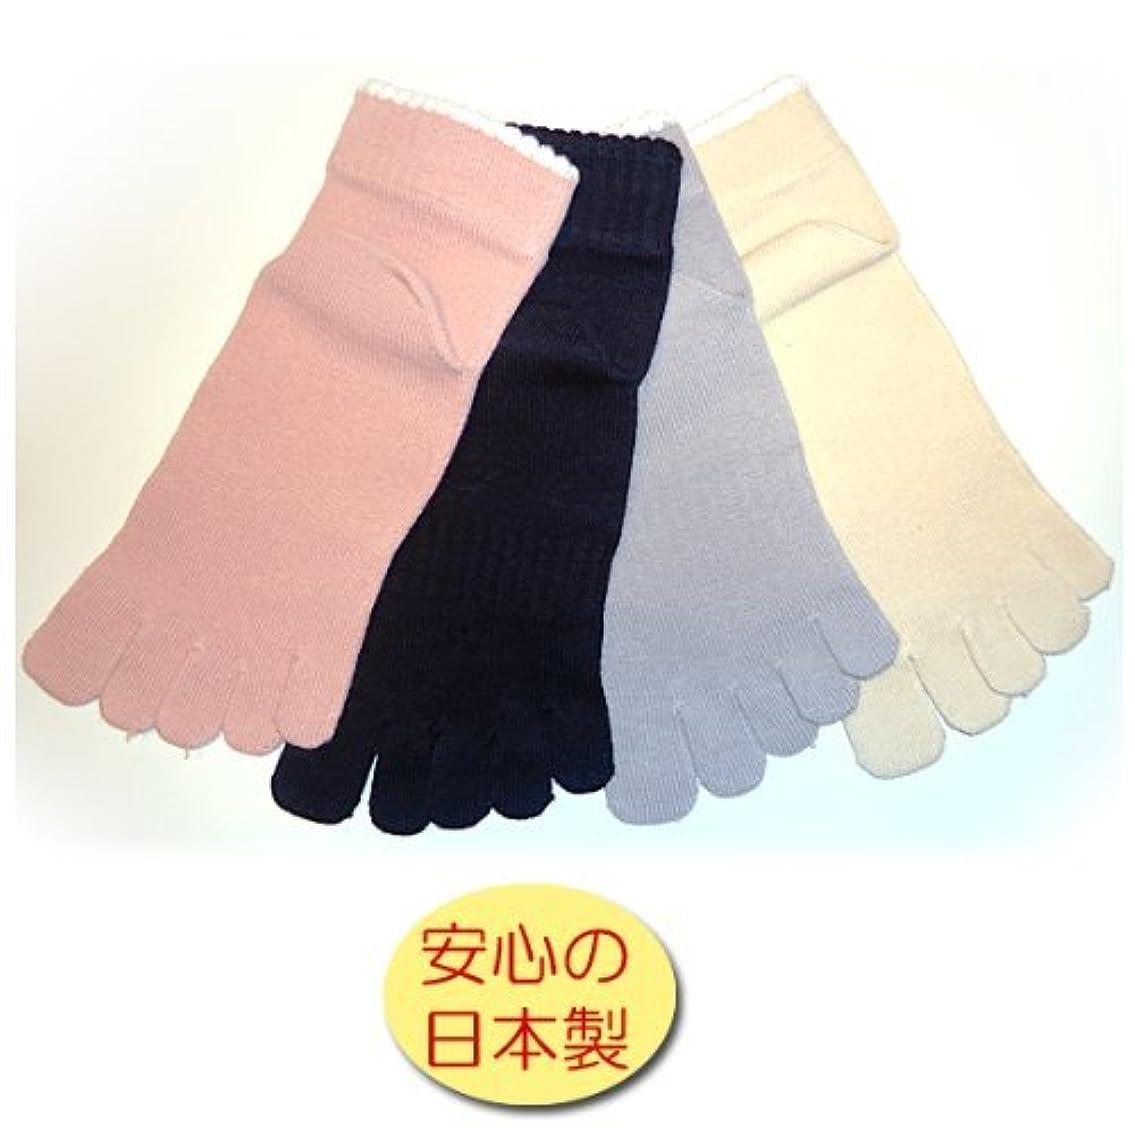 ジャンクション間違い中止します日本製 5本指ソックス ショートソックス【21~25cm】 足に優しい表糸綿100%  お買得4足組